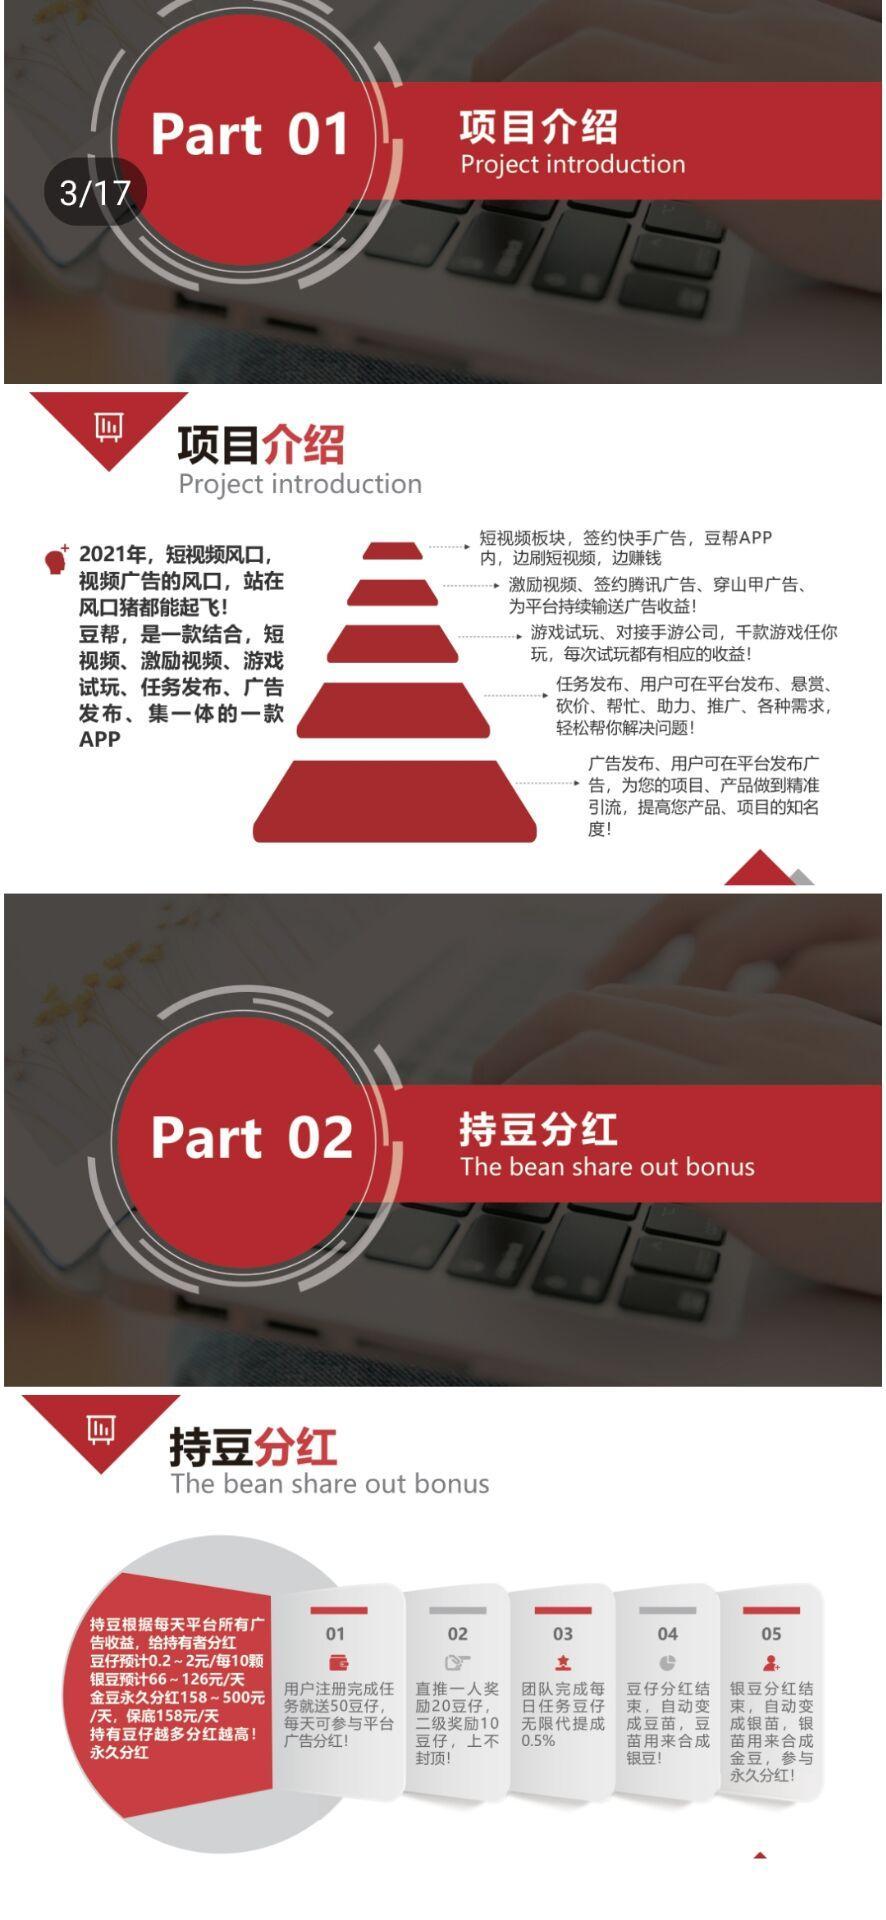 """021最火豆帮上线啦,全新模式,分红,城主奖励享不停"""""""